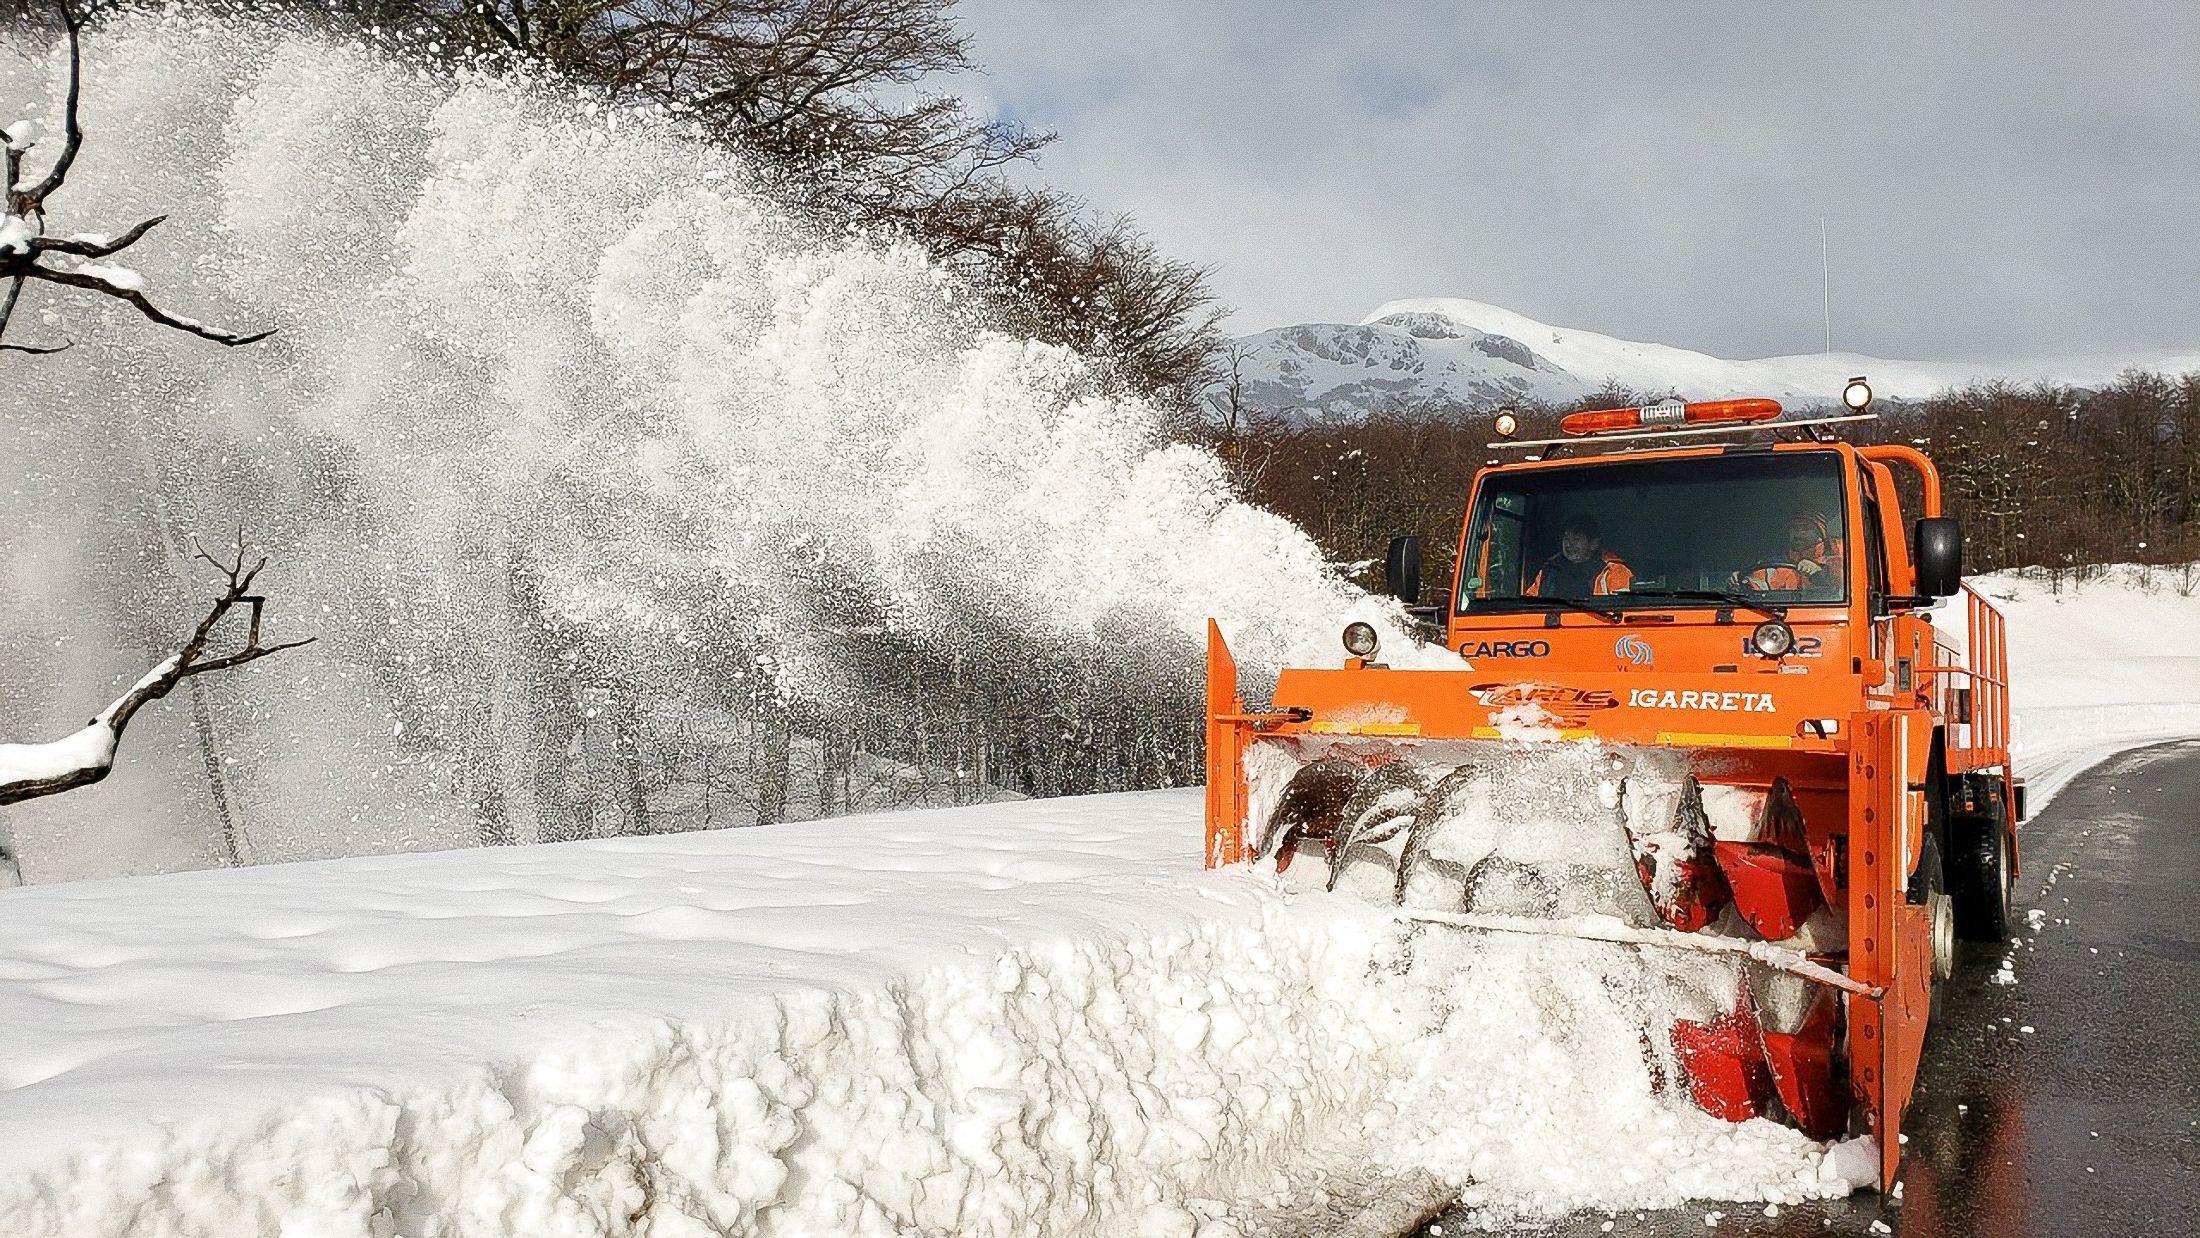 Cortaron la ruta de los Siete Lagos por las fuertes nevadas